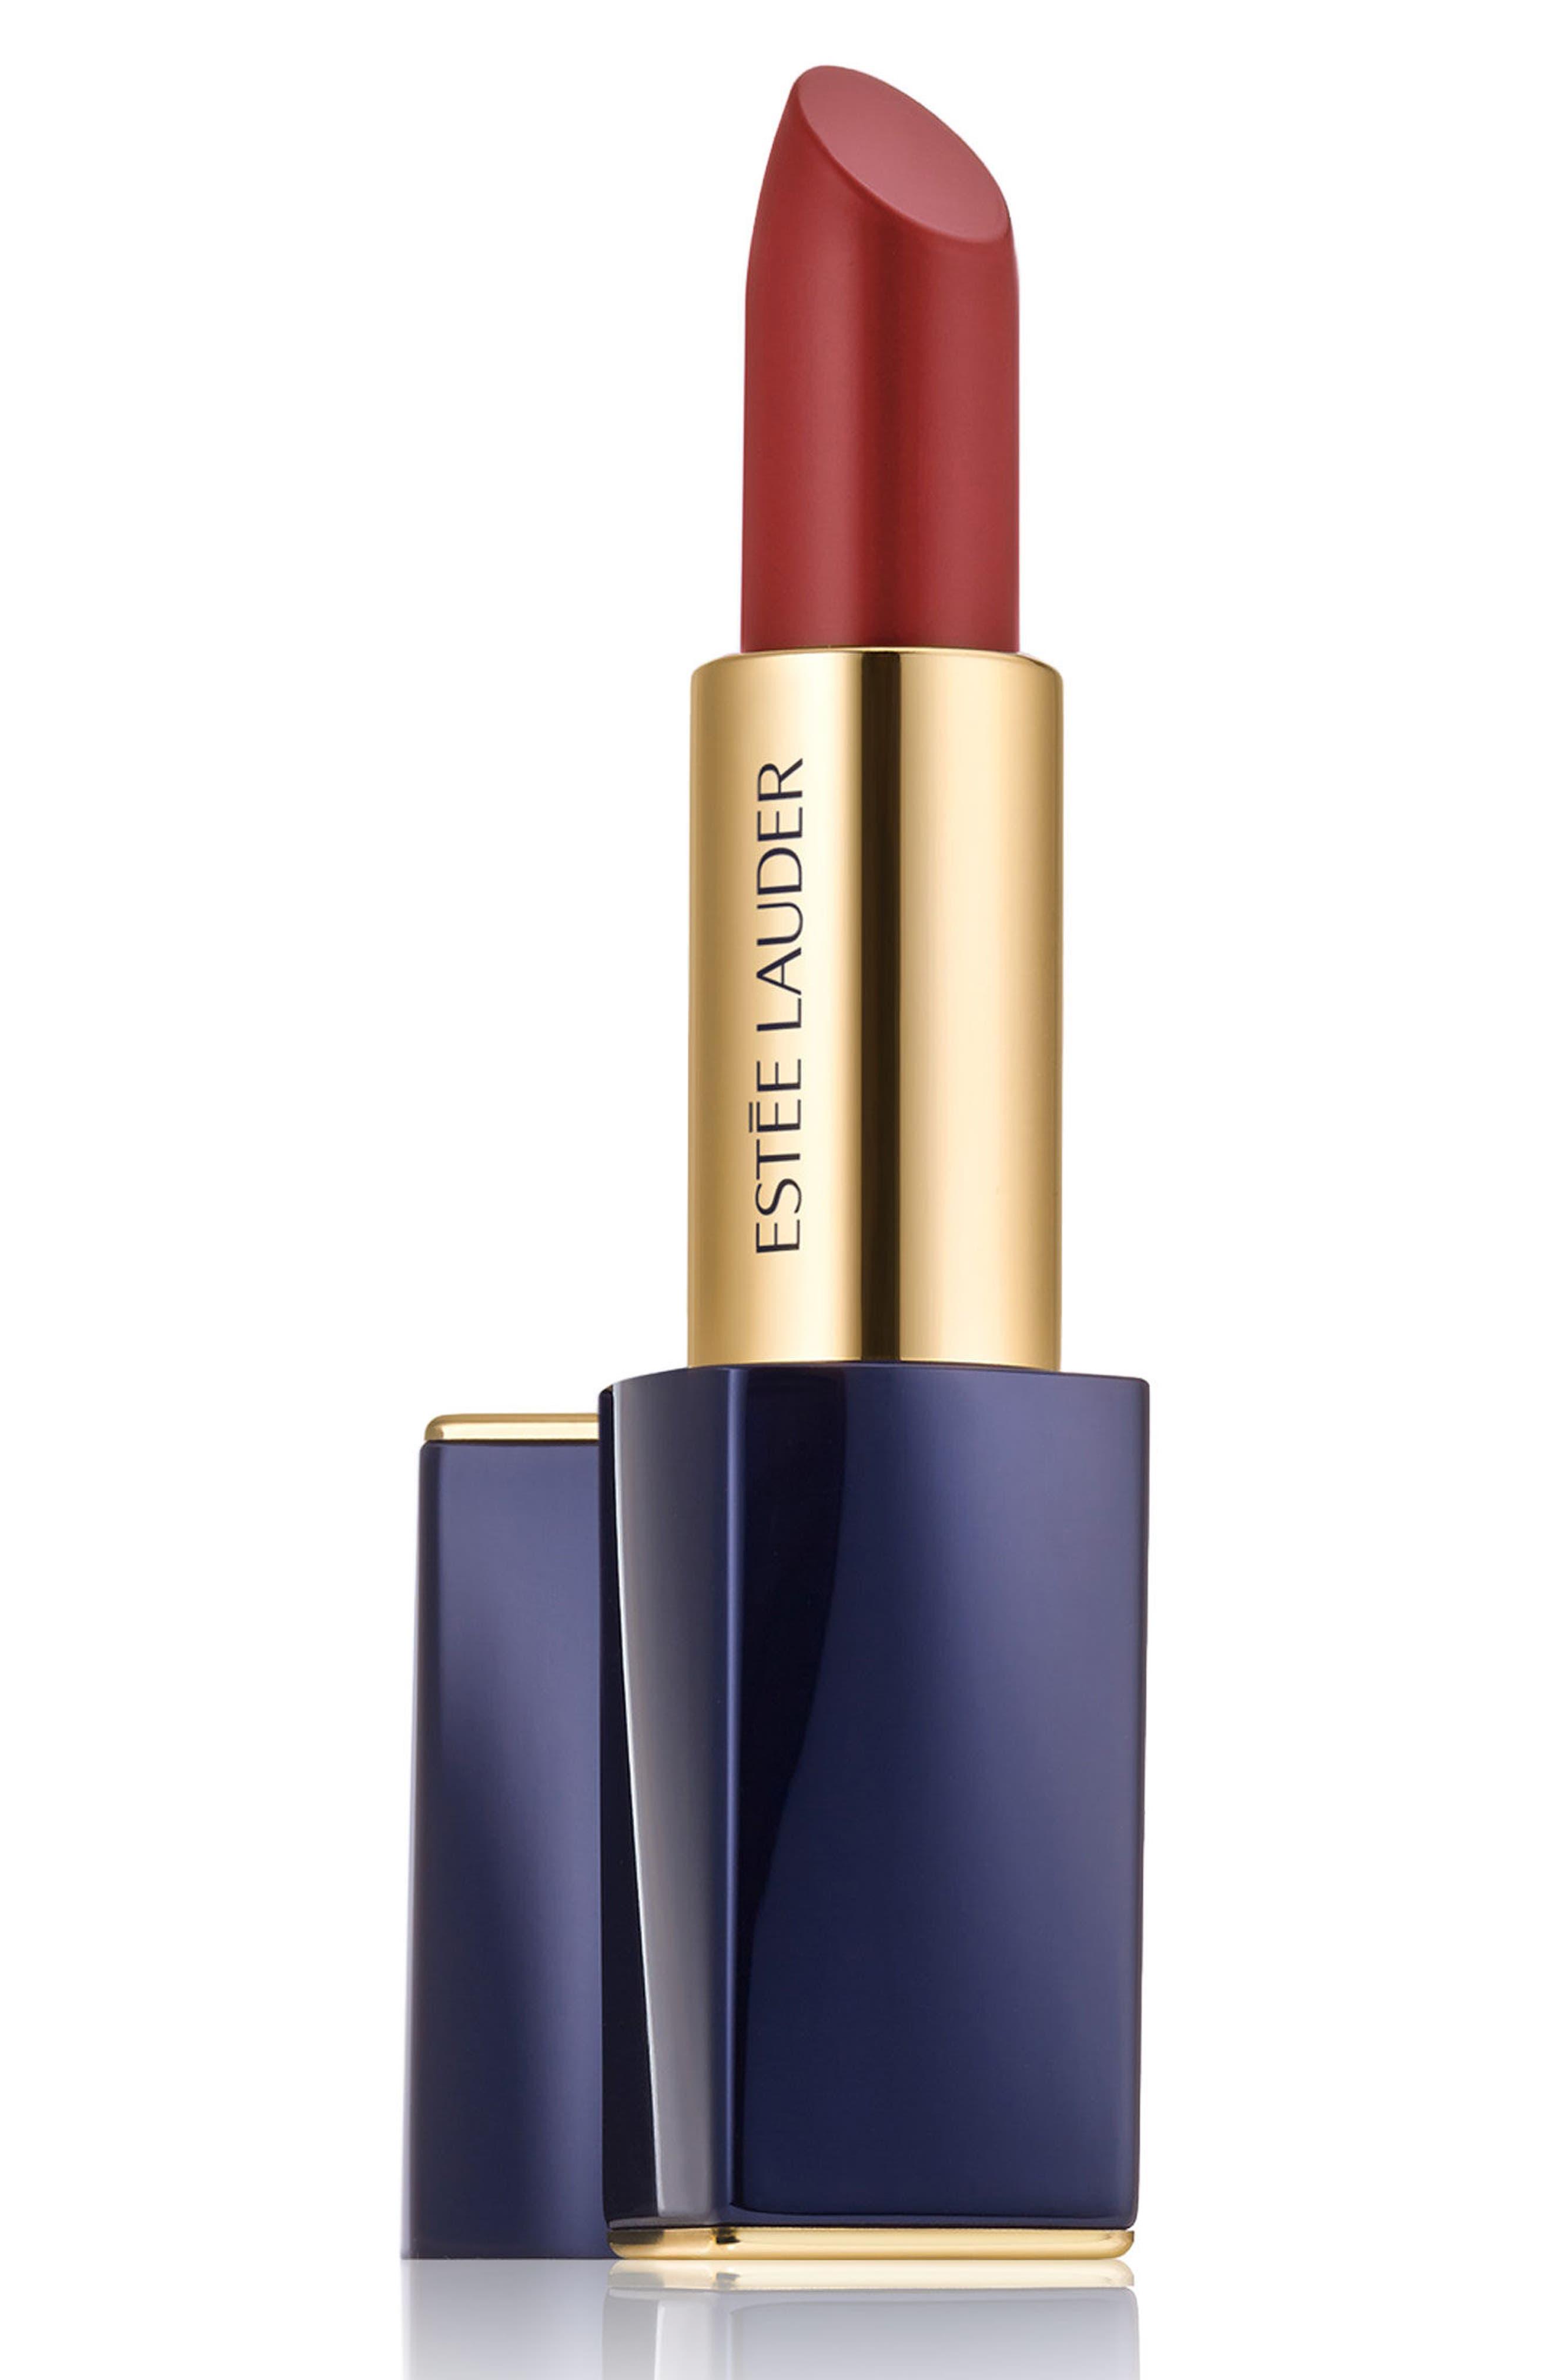 Pure Color Envy Matte Sculpting Lipstick,                             Main thumbnail 1, color,                             113 RAW EDGE